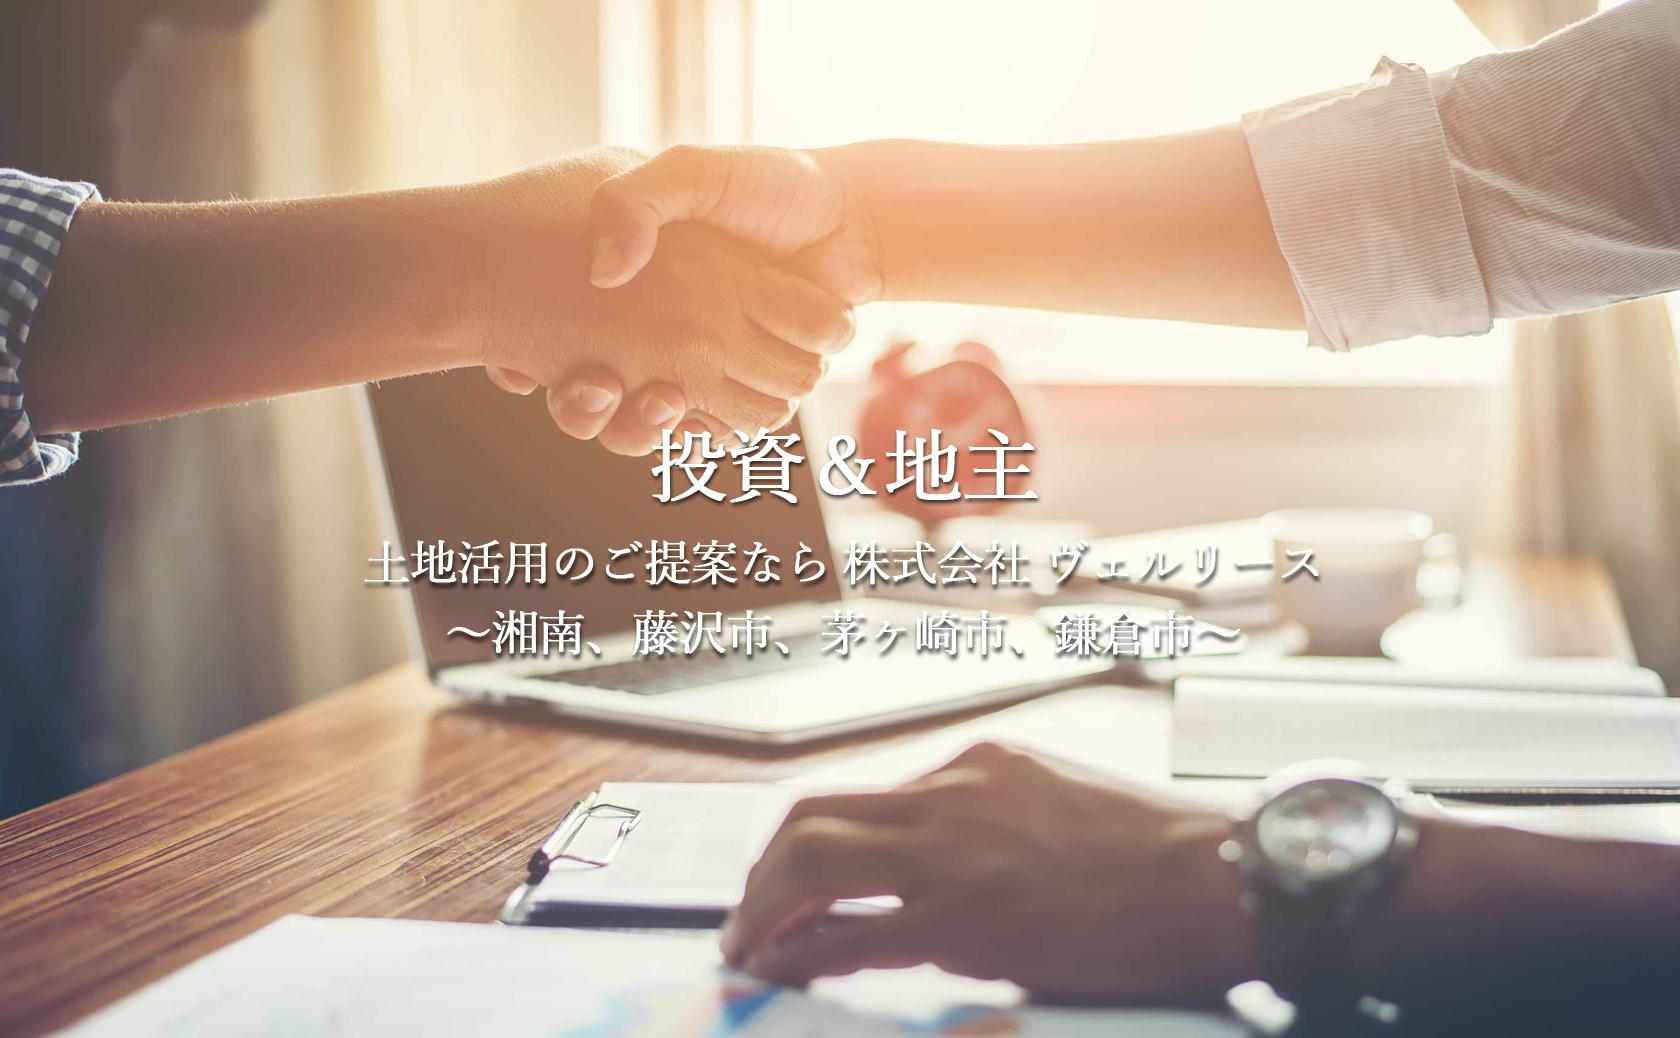 投資&地主 土地活用のご提案なら 株式会社 ヴェルリース ~湘南、藤沢市、茅ヶ崎市、鎌倉市~